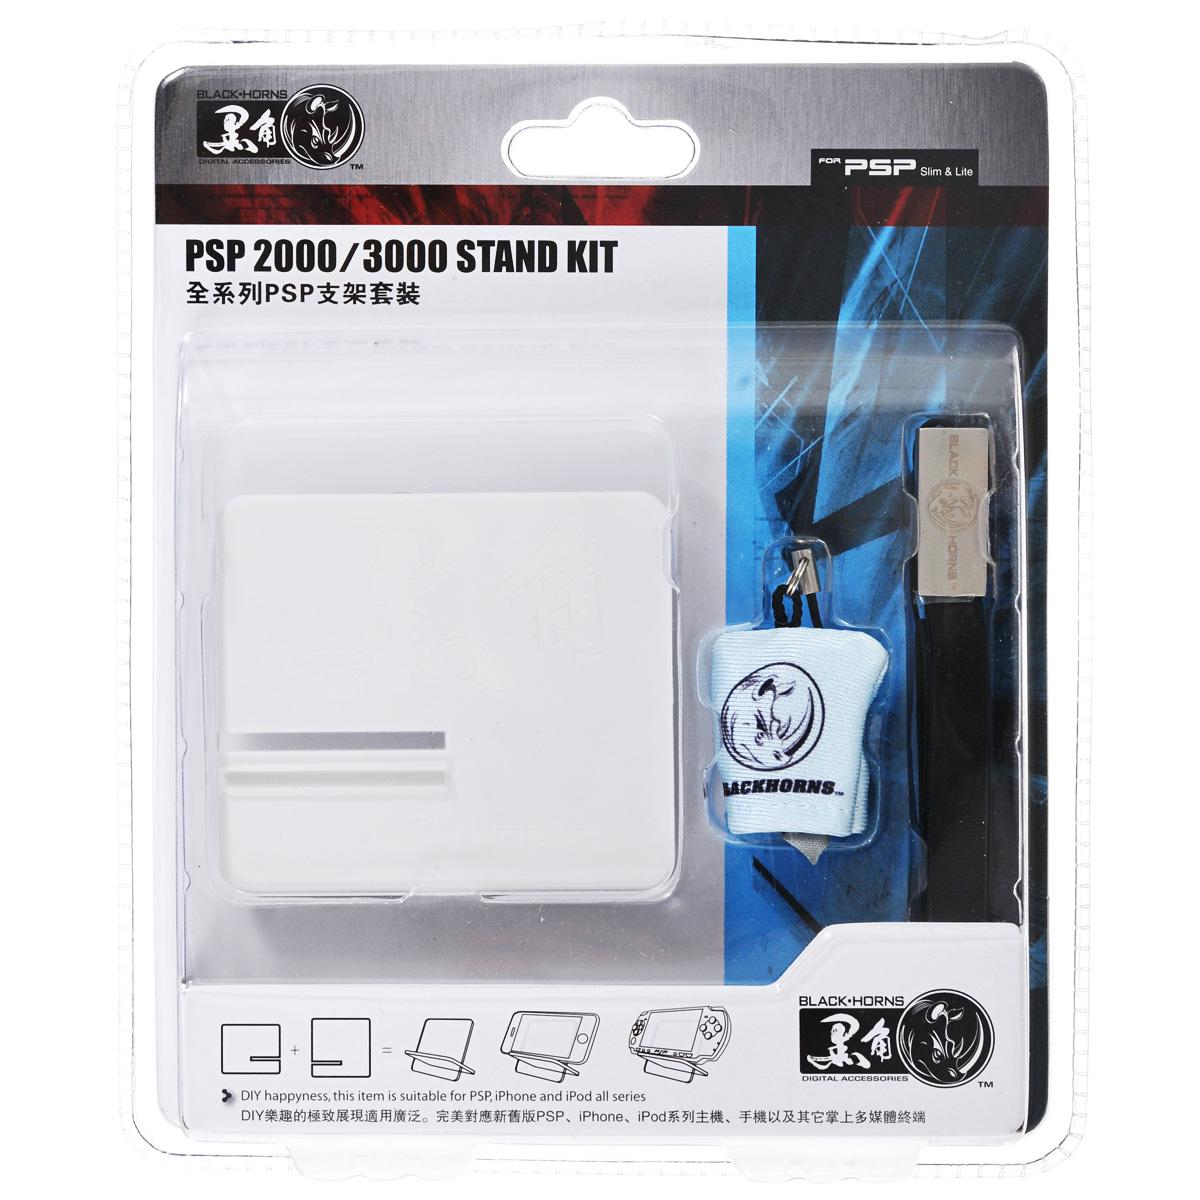 Универсальный стенд Black Horns для Sony PSP 2000/3000 (BH-PSP02801) зарядная станция с 2 я аккумуляторами black horns для геймпадов xbox one